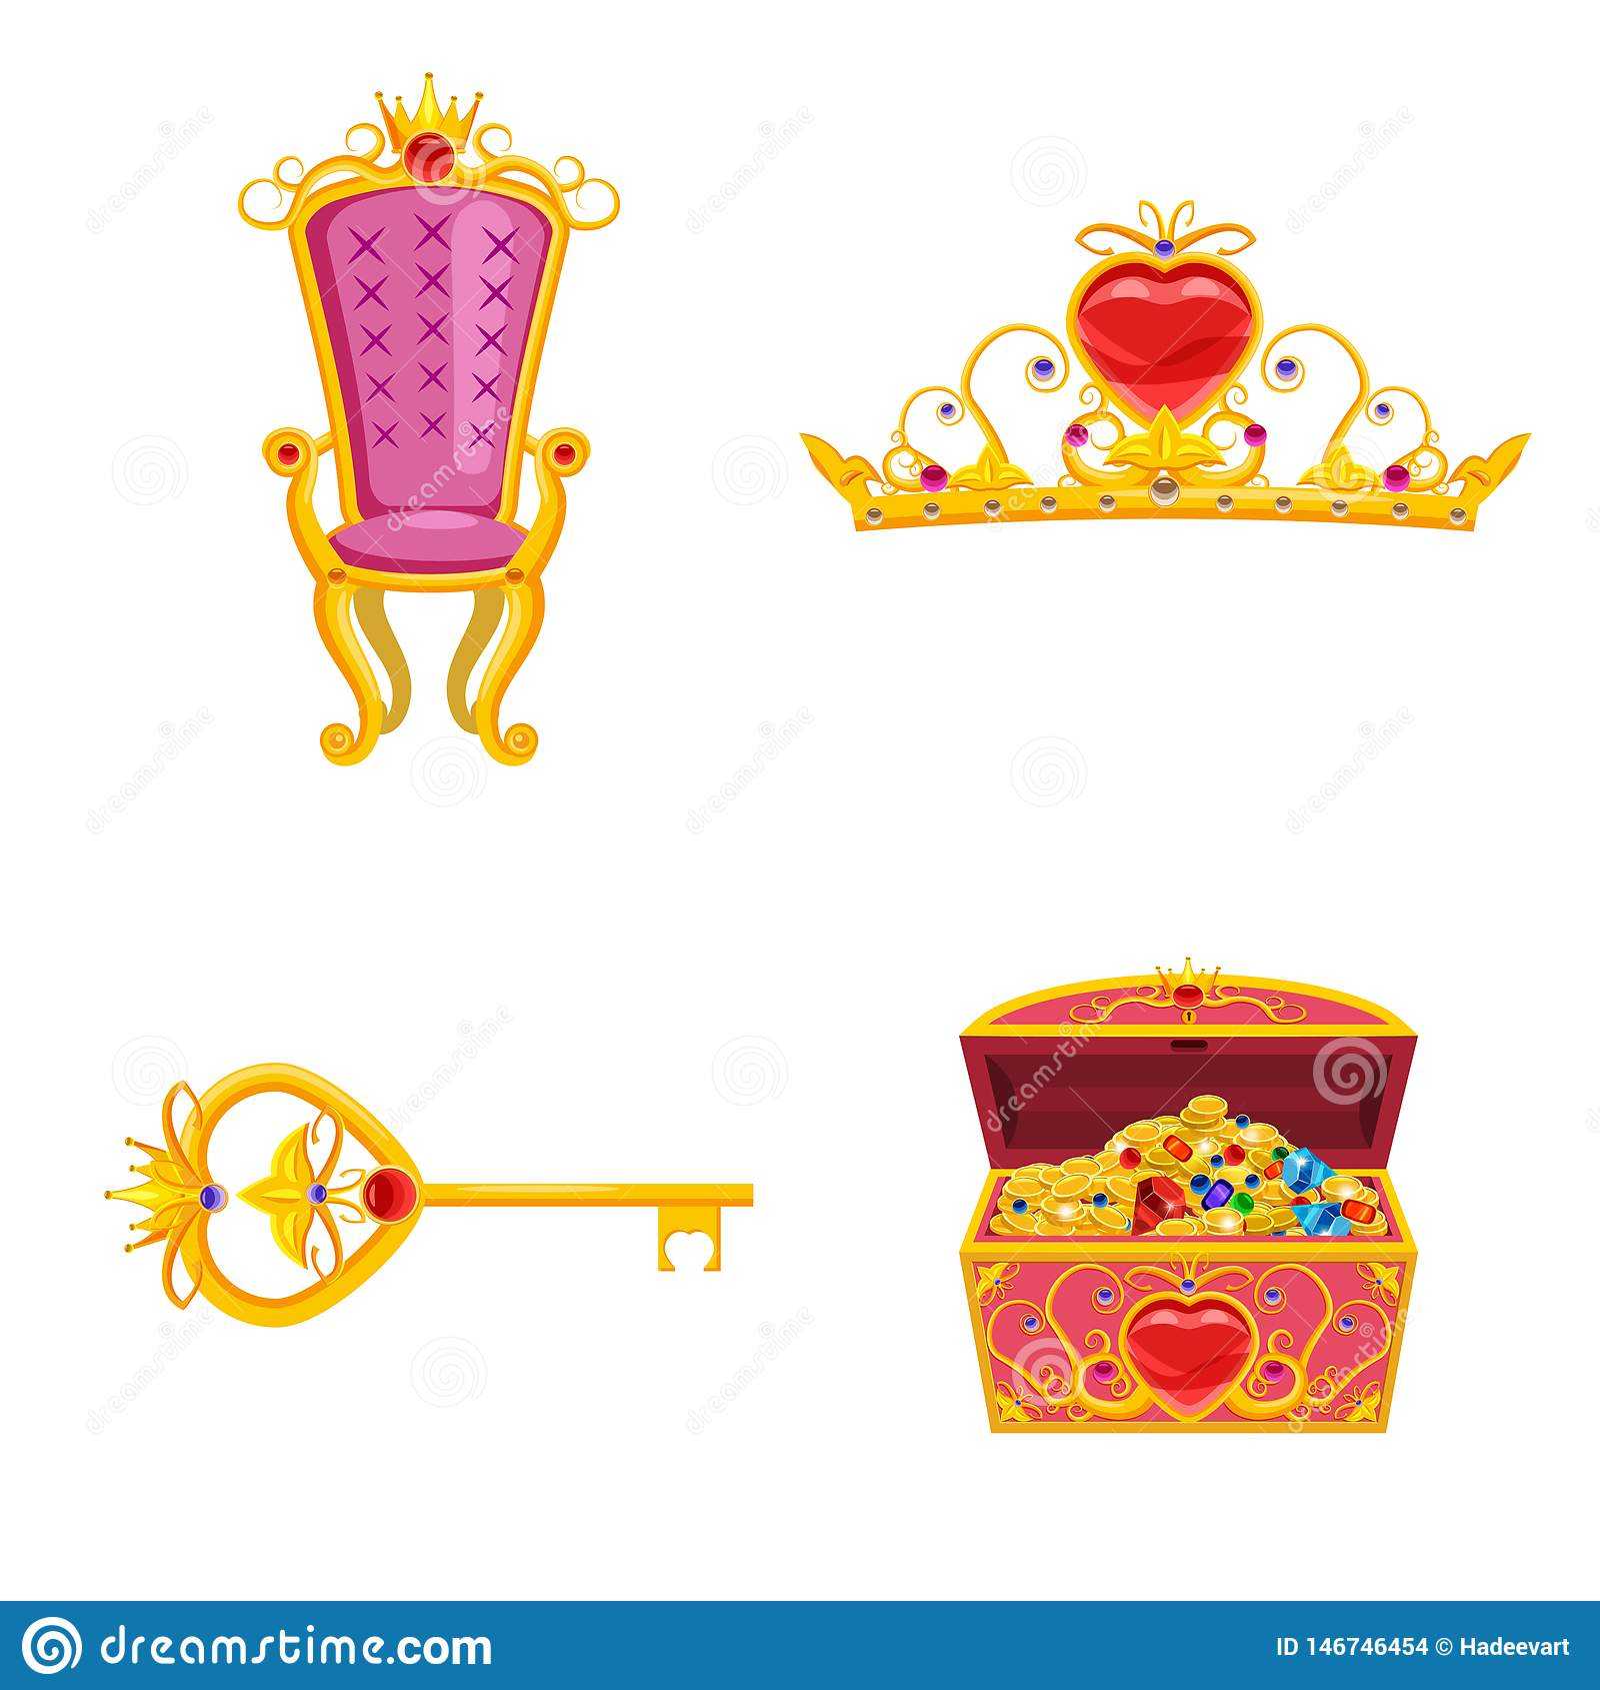 Eingestellte feenhafte Weltelemente und Attribute des Entwurfs Schatztruhe, Tiara, Schlüssel, Thron Vektor, Illustration, Karikat